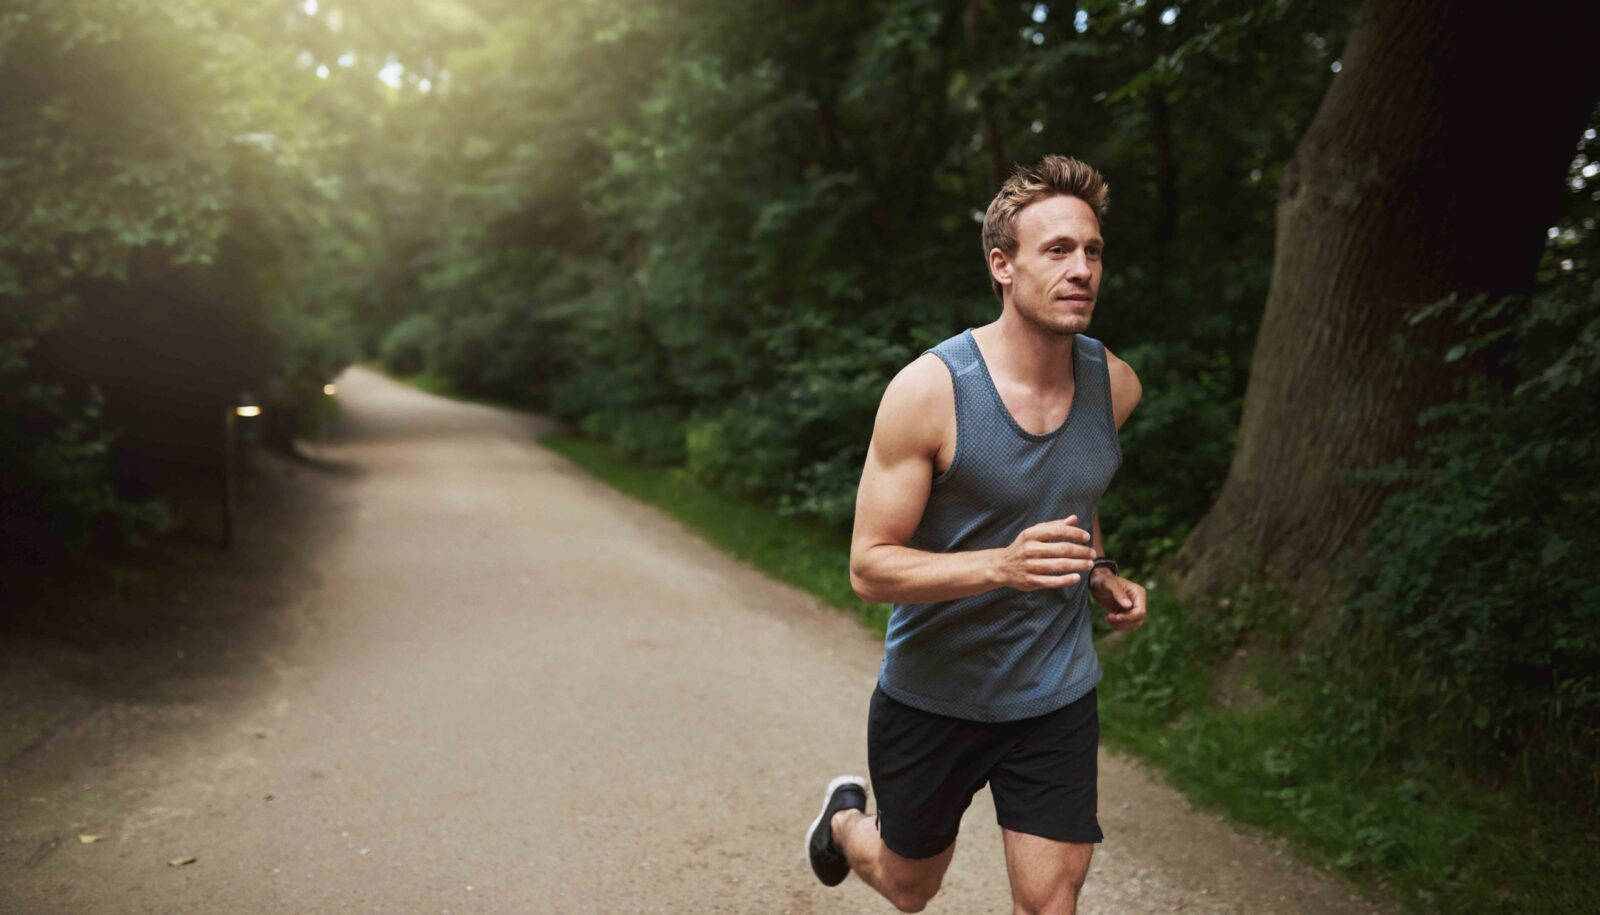 دویدن در فضای سبز